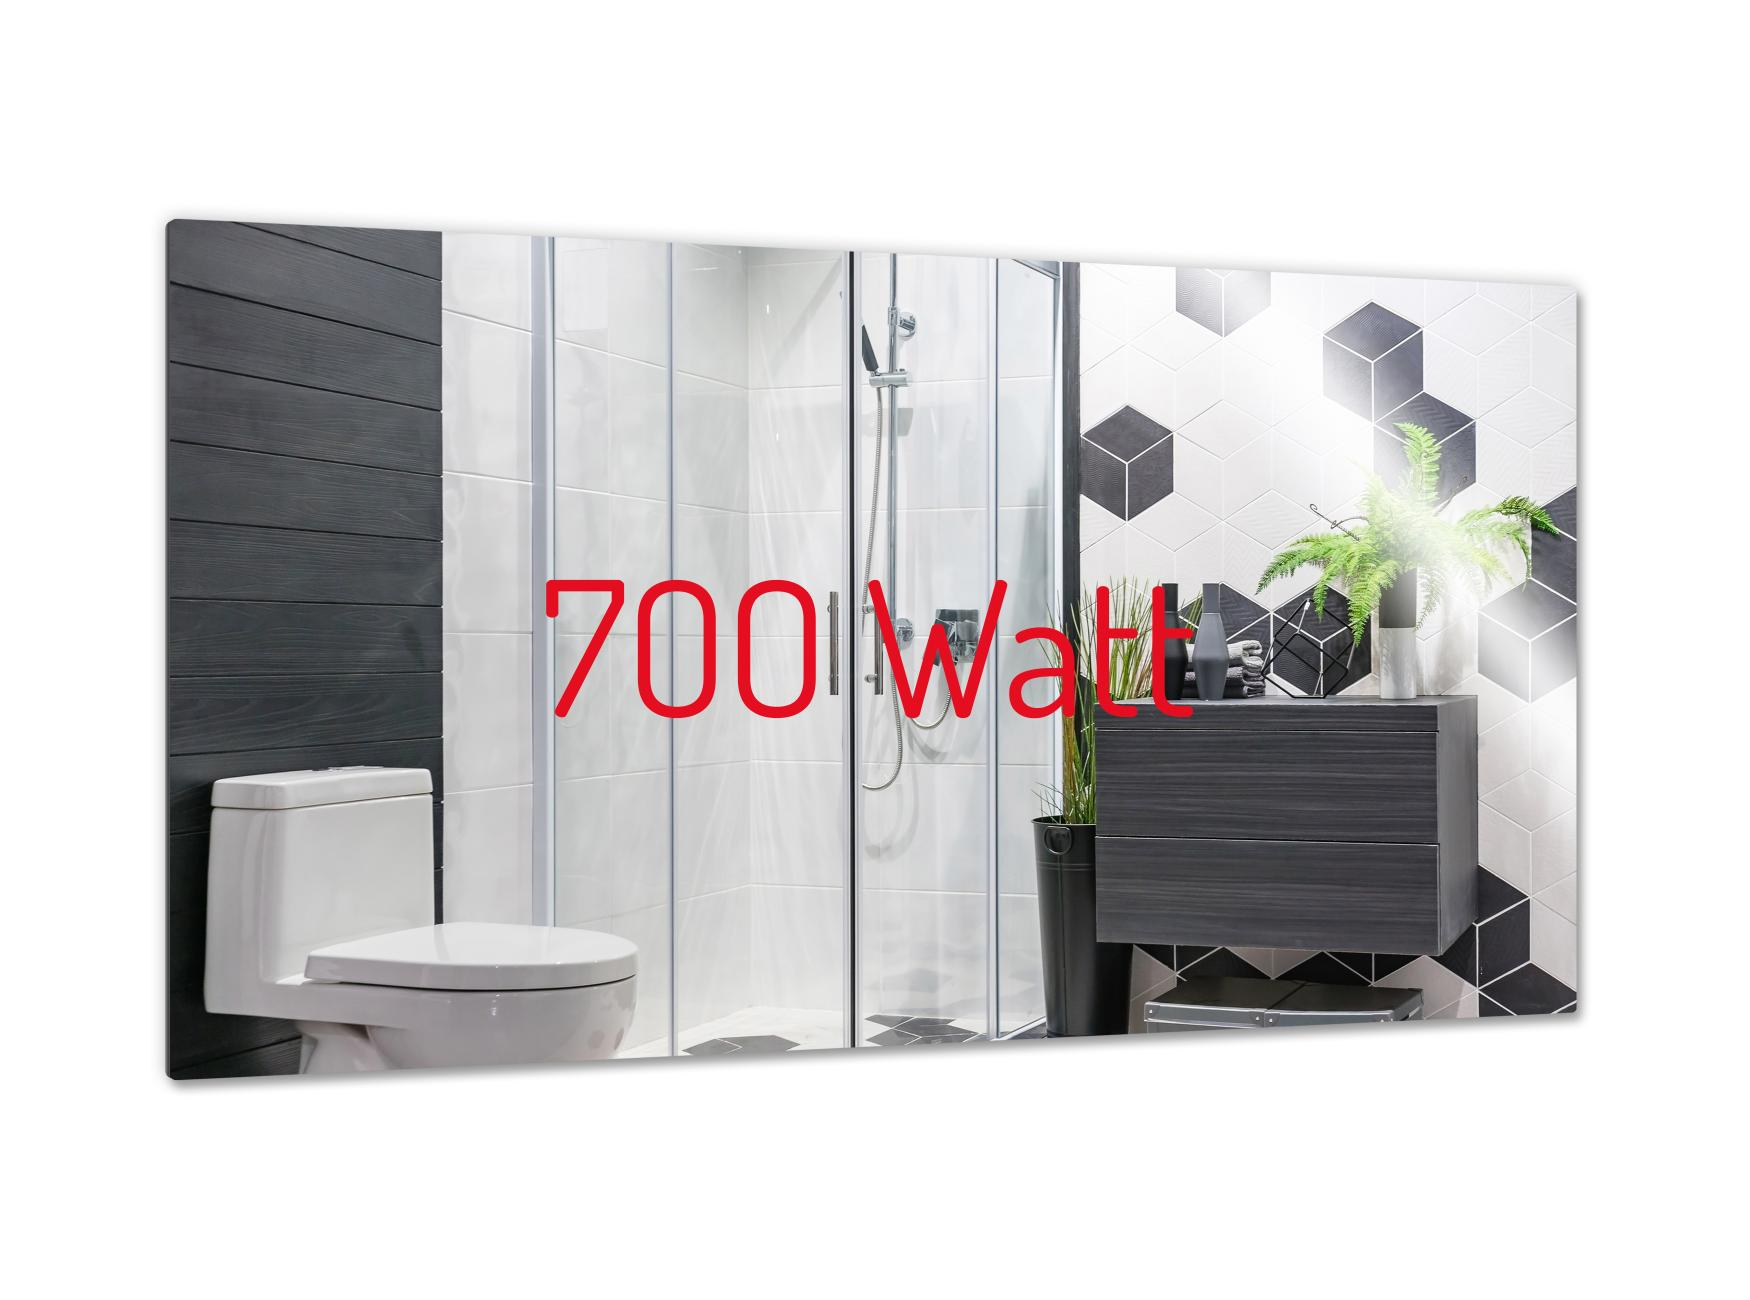 PowerSun Mirror rahmenlos 700 Watt